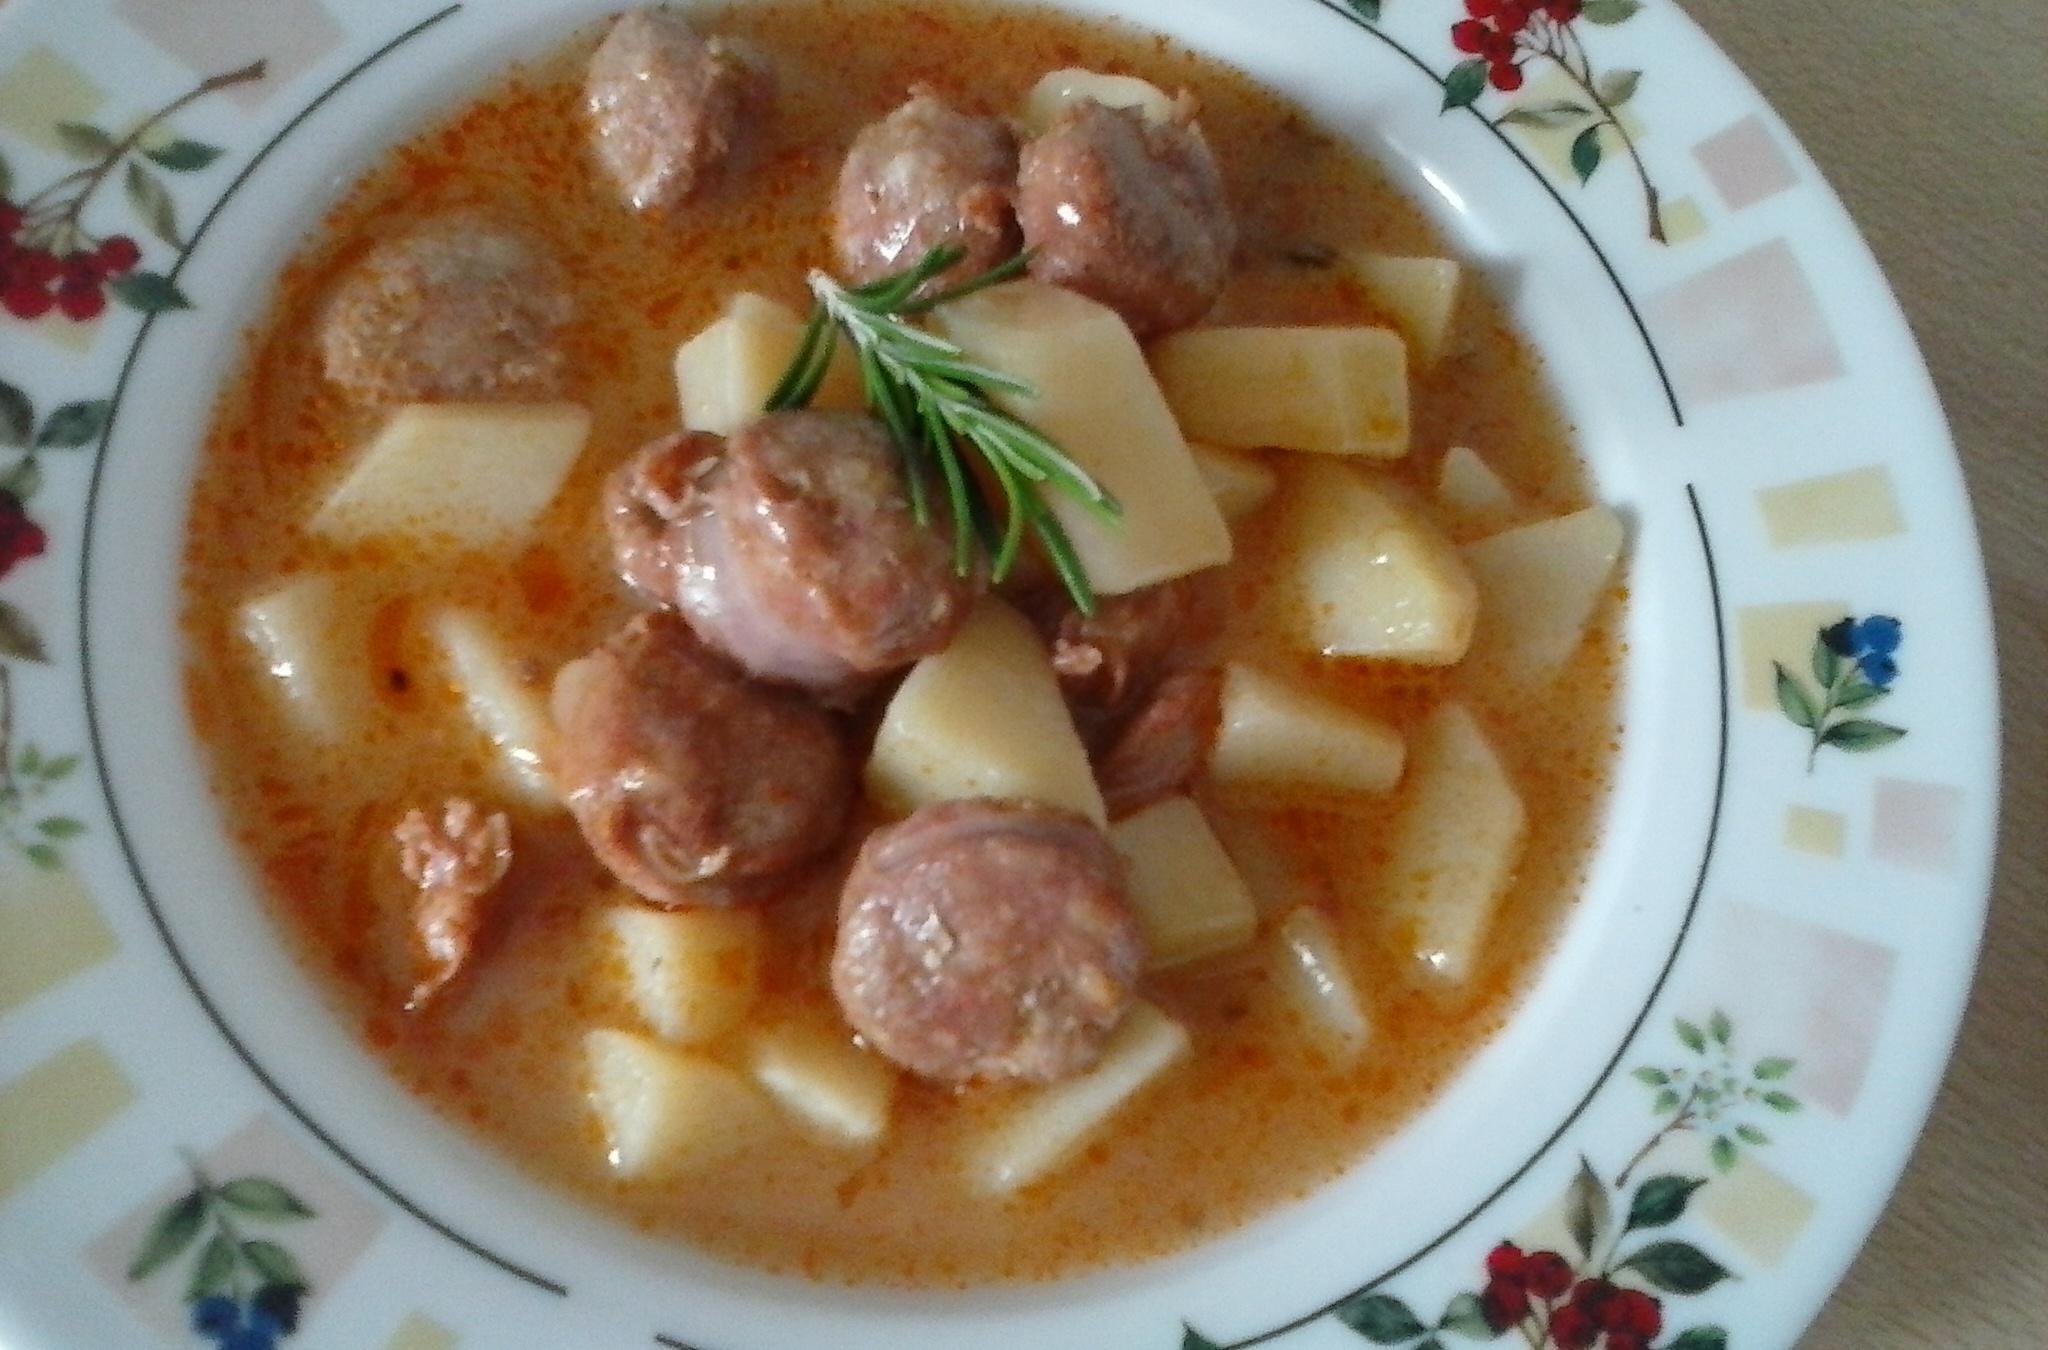 Bramborová polévka s rajčaty a vepřovou klobásou